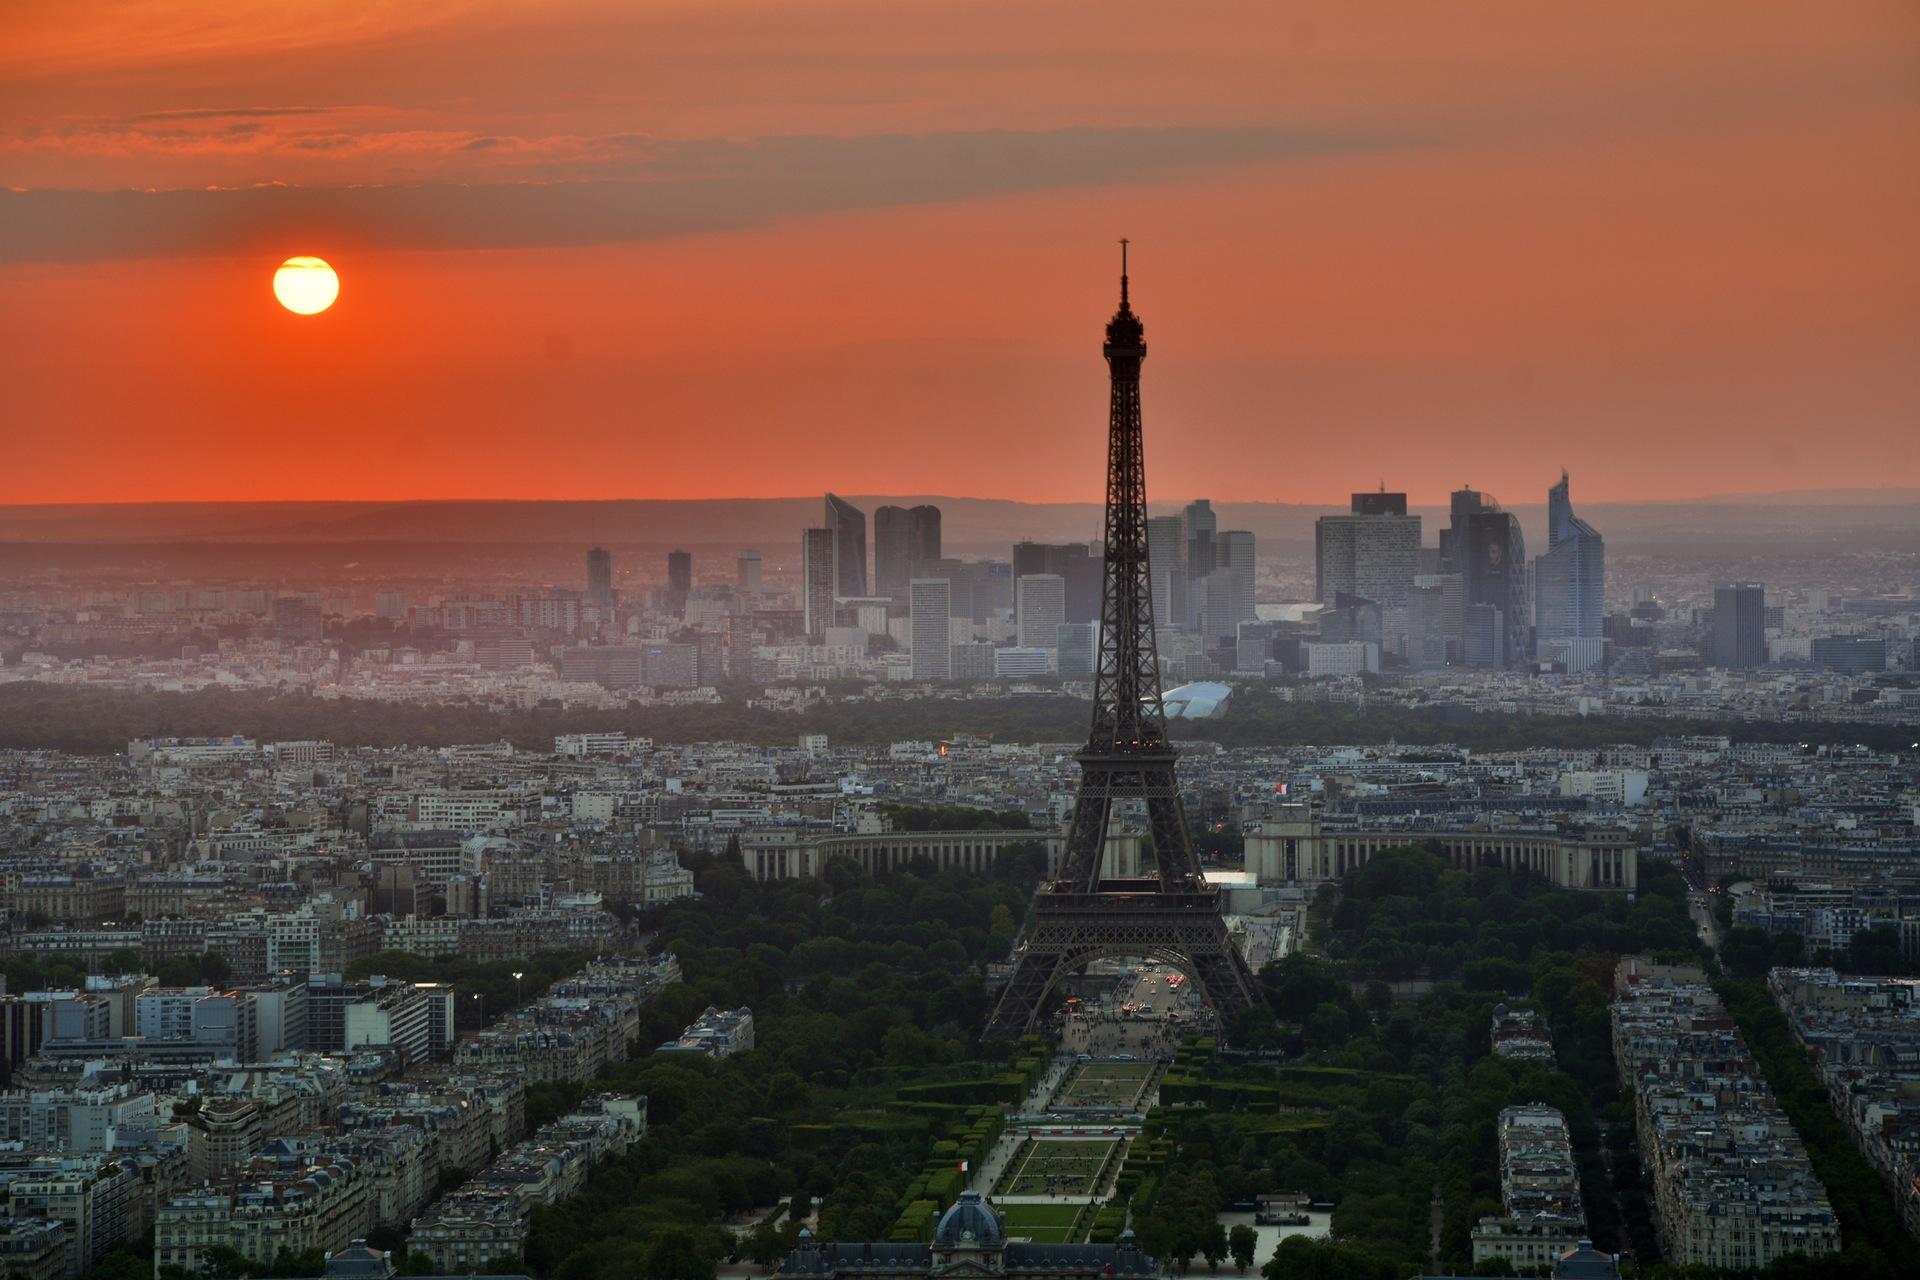 巴黎, 埃菲尔铁塔, 太阳, 城市, 法国 - 高清壁纸 - 教授-falken.com